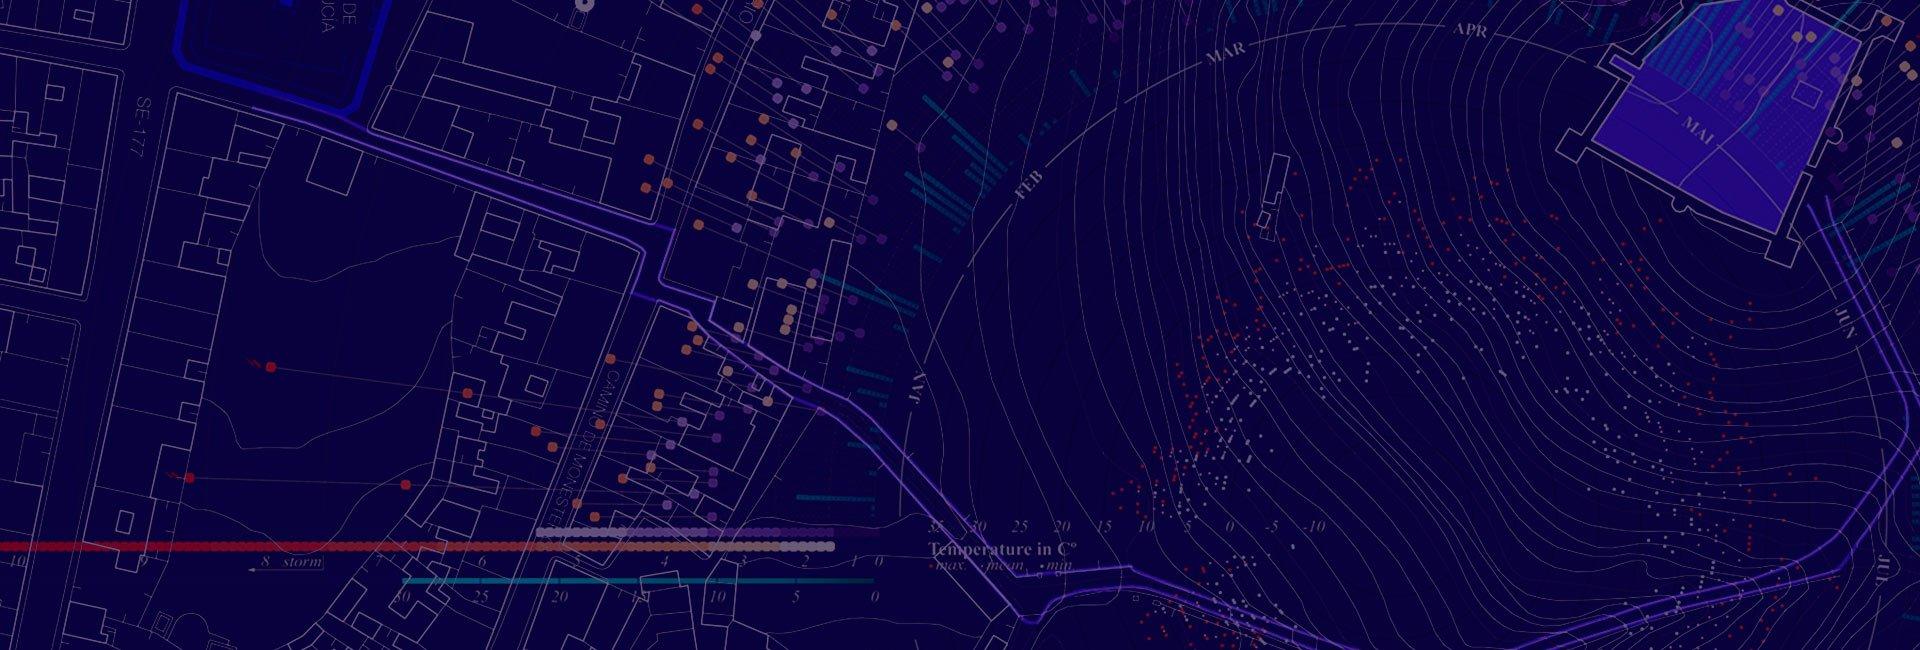 investigaciones_geograficas_desarrollo_amb